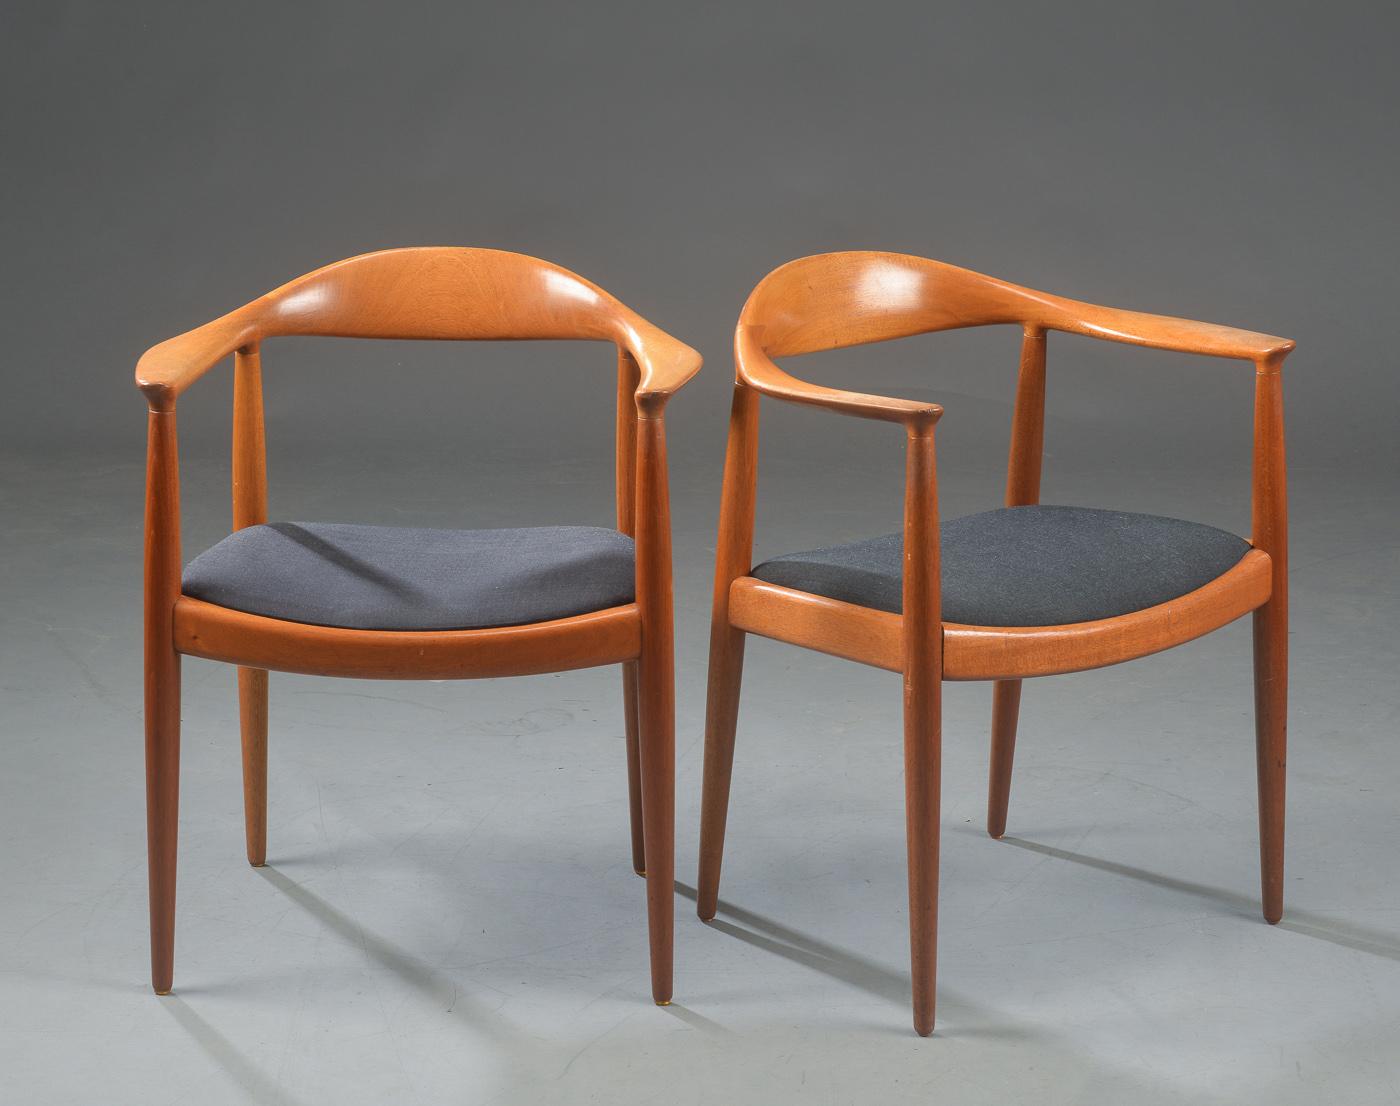 Hans J. Wegner. Par armstole The Chair, model JH 501 - Hans J. Wegner, 1914 - 2007. Par lænestole, The Chair, Den Runde Stol, model JH 501, stel af mahogni, siddeflade betrukket med sort møbelstof. Formgivet i 1950, fremstillet hos Johannes Hansen, brandmærke herfra. Fremstår med brugsspor, ridser og...